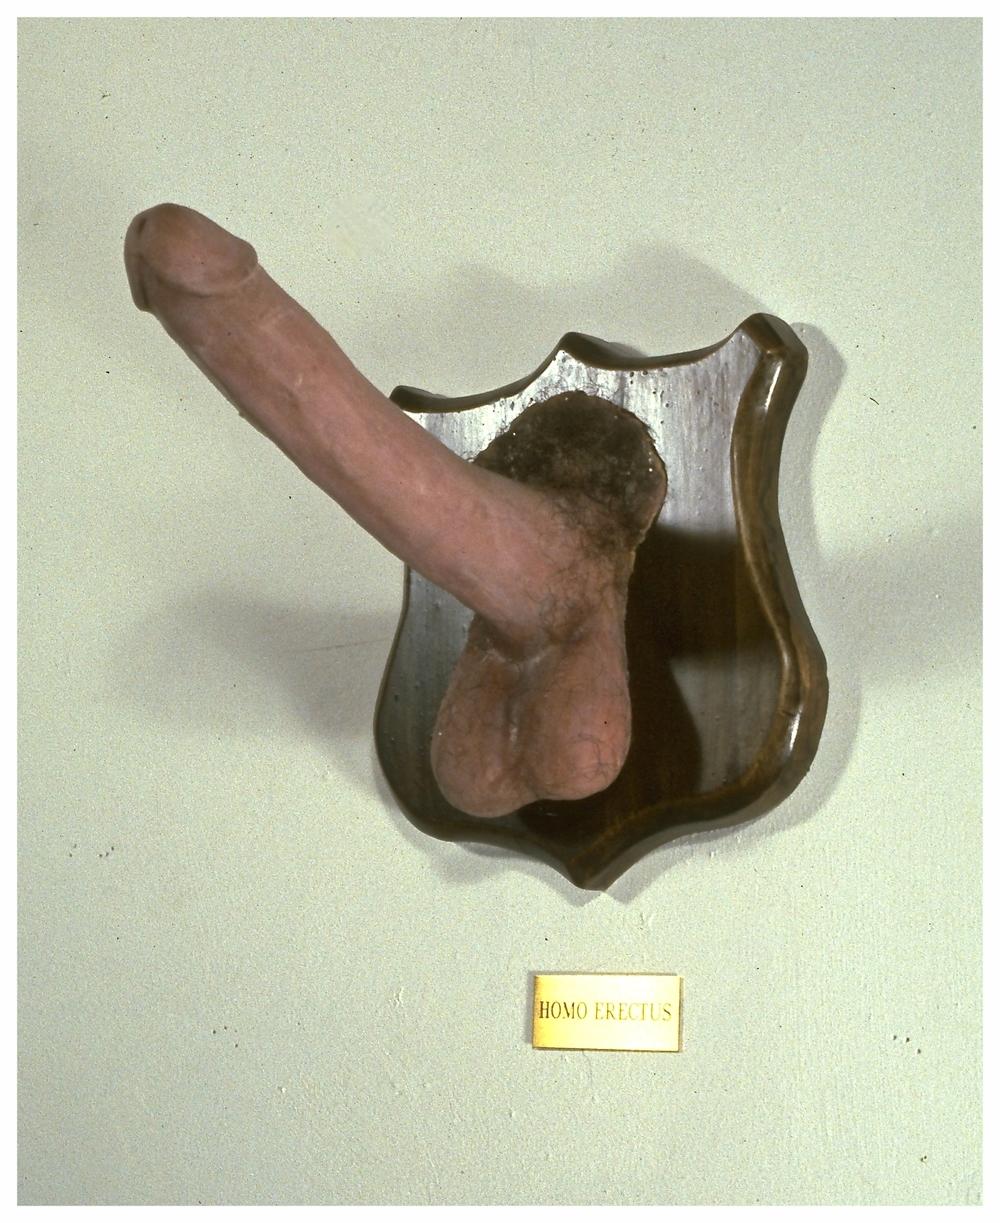 004 Homo Erectus